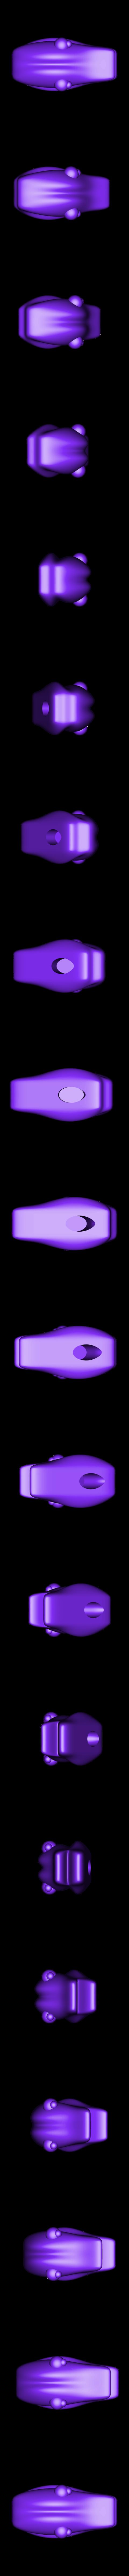 Paa.stl Download free STL file Kaljankka duck • Object to 3D print, NusNus